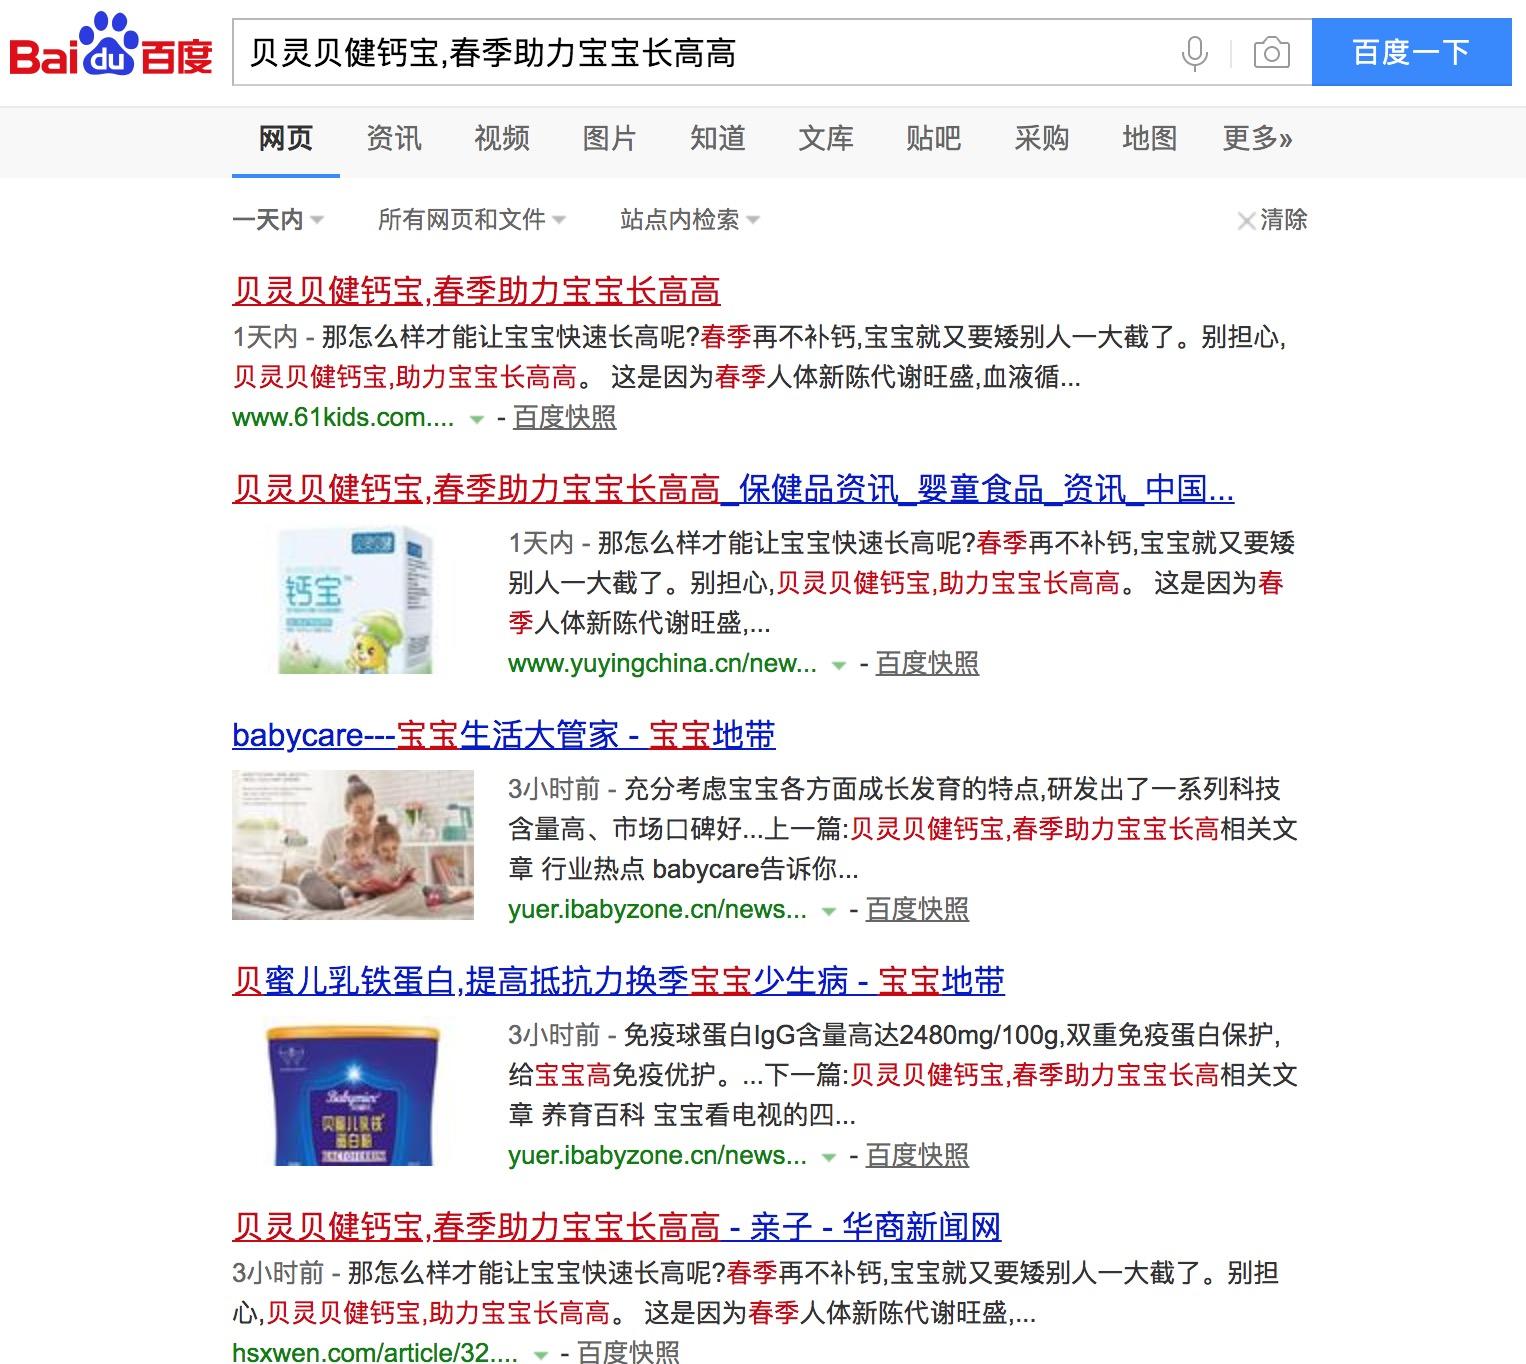 亲子母婴行业产品品牌怎么推广 母婴产品新闻推广案例分享